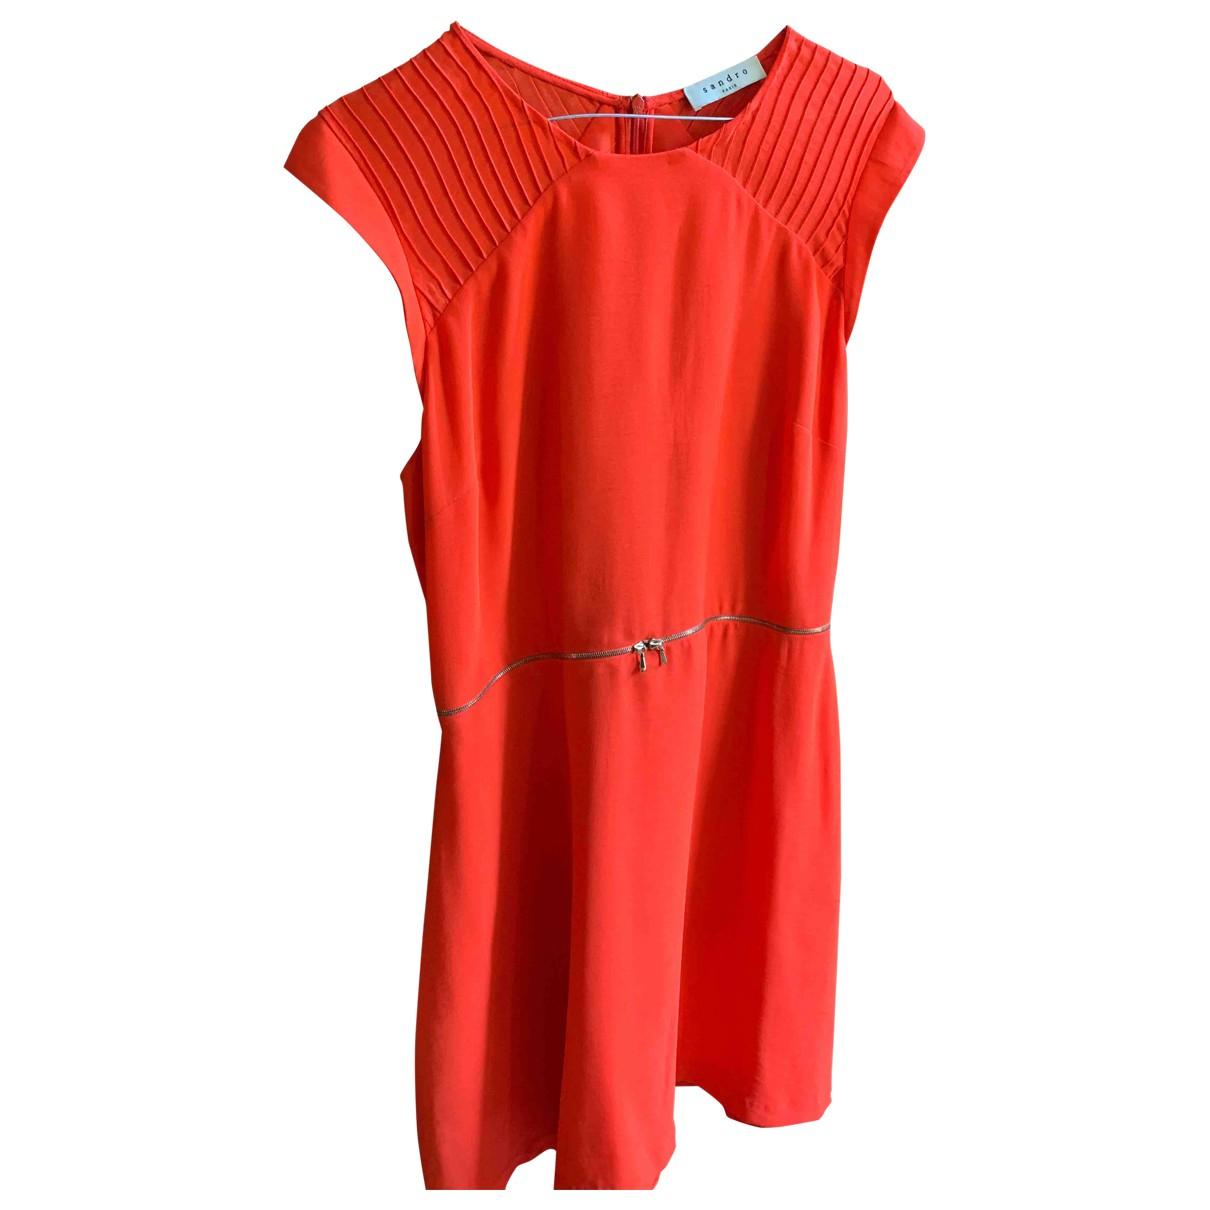 Sandro \N Red dress for Women 40 FR